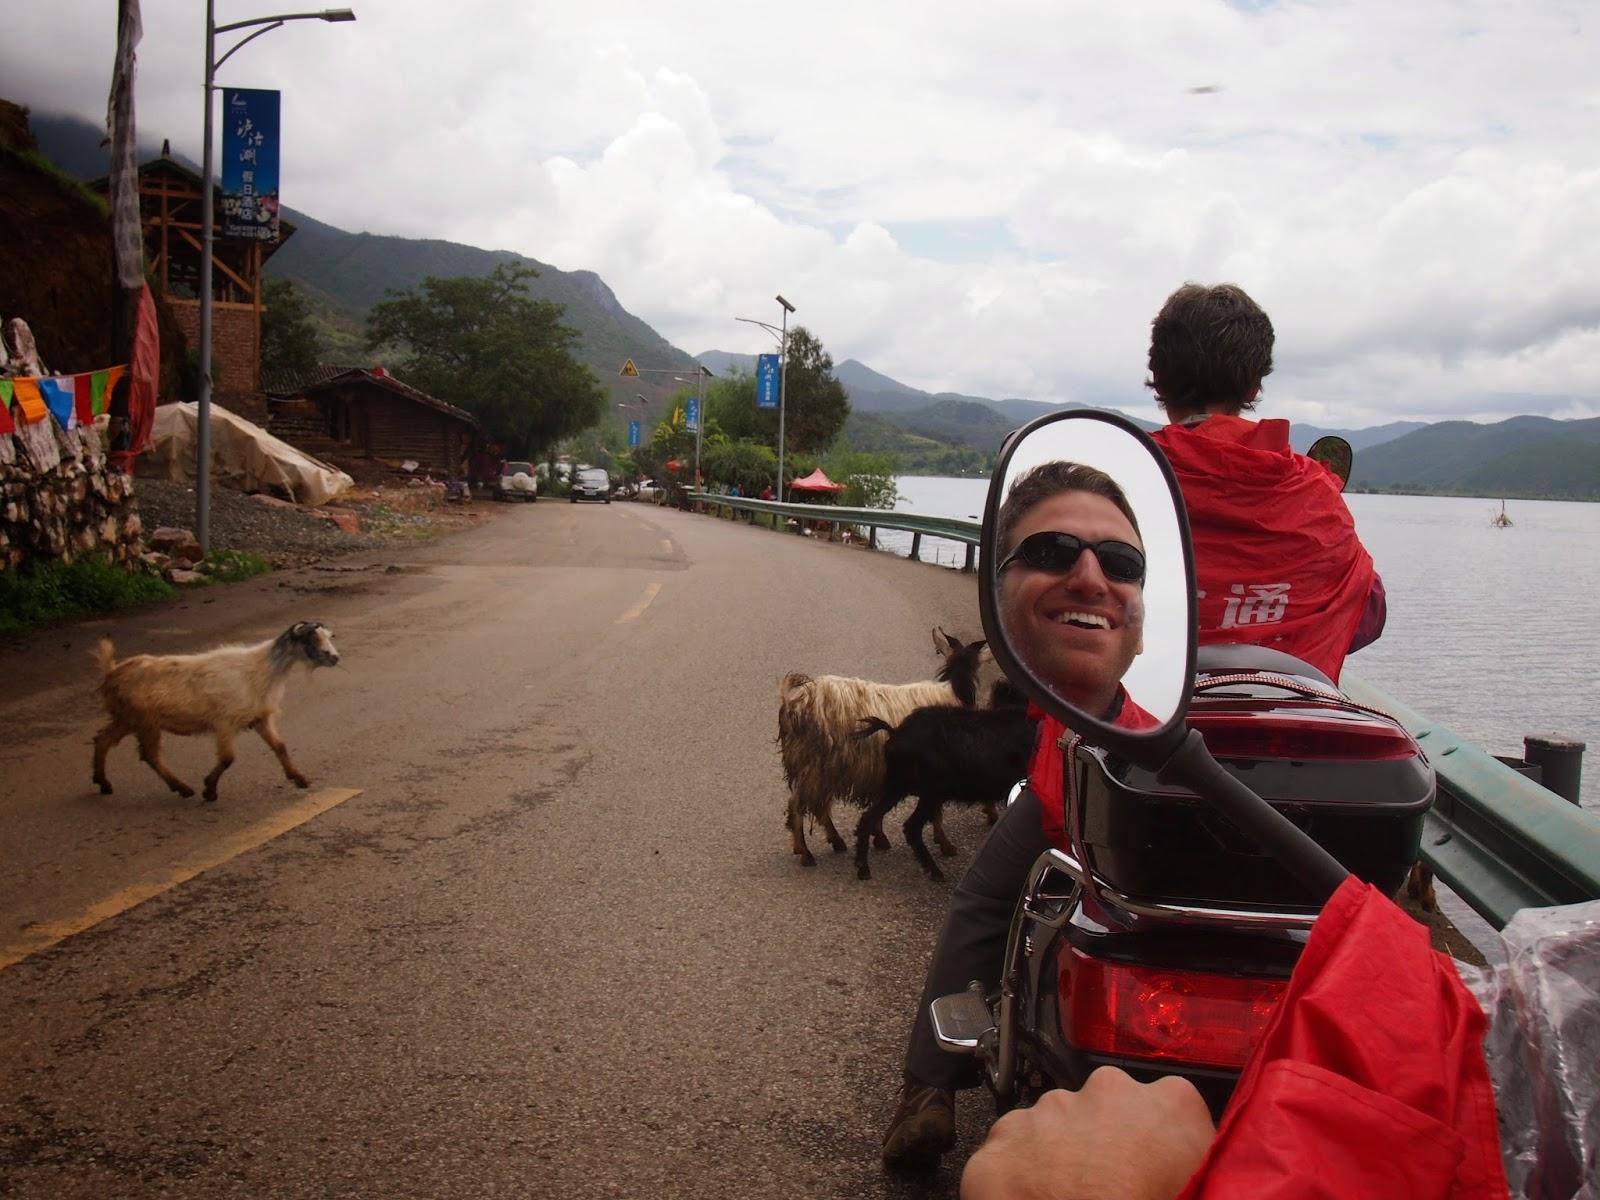 Motor biking around Lugu Lake